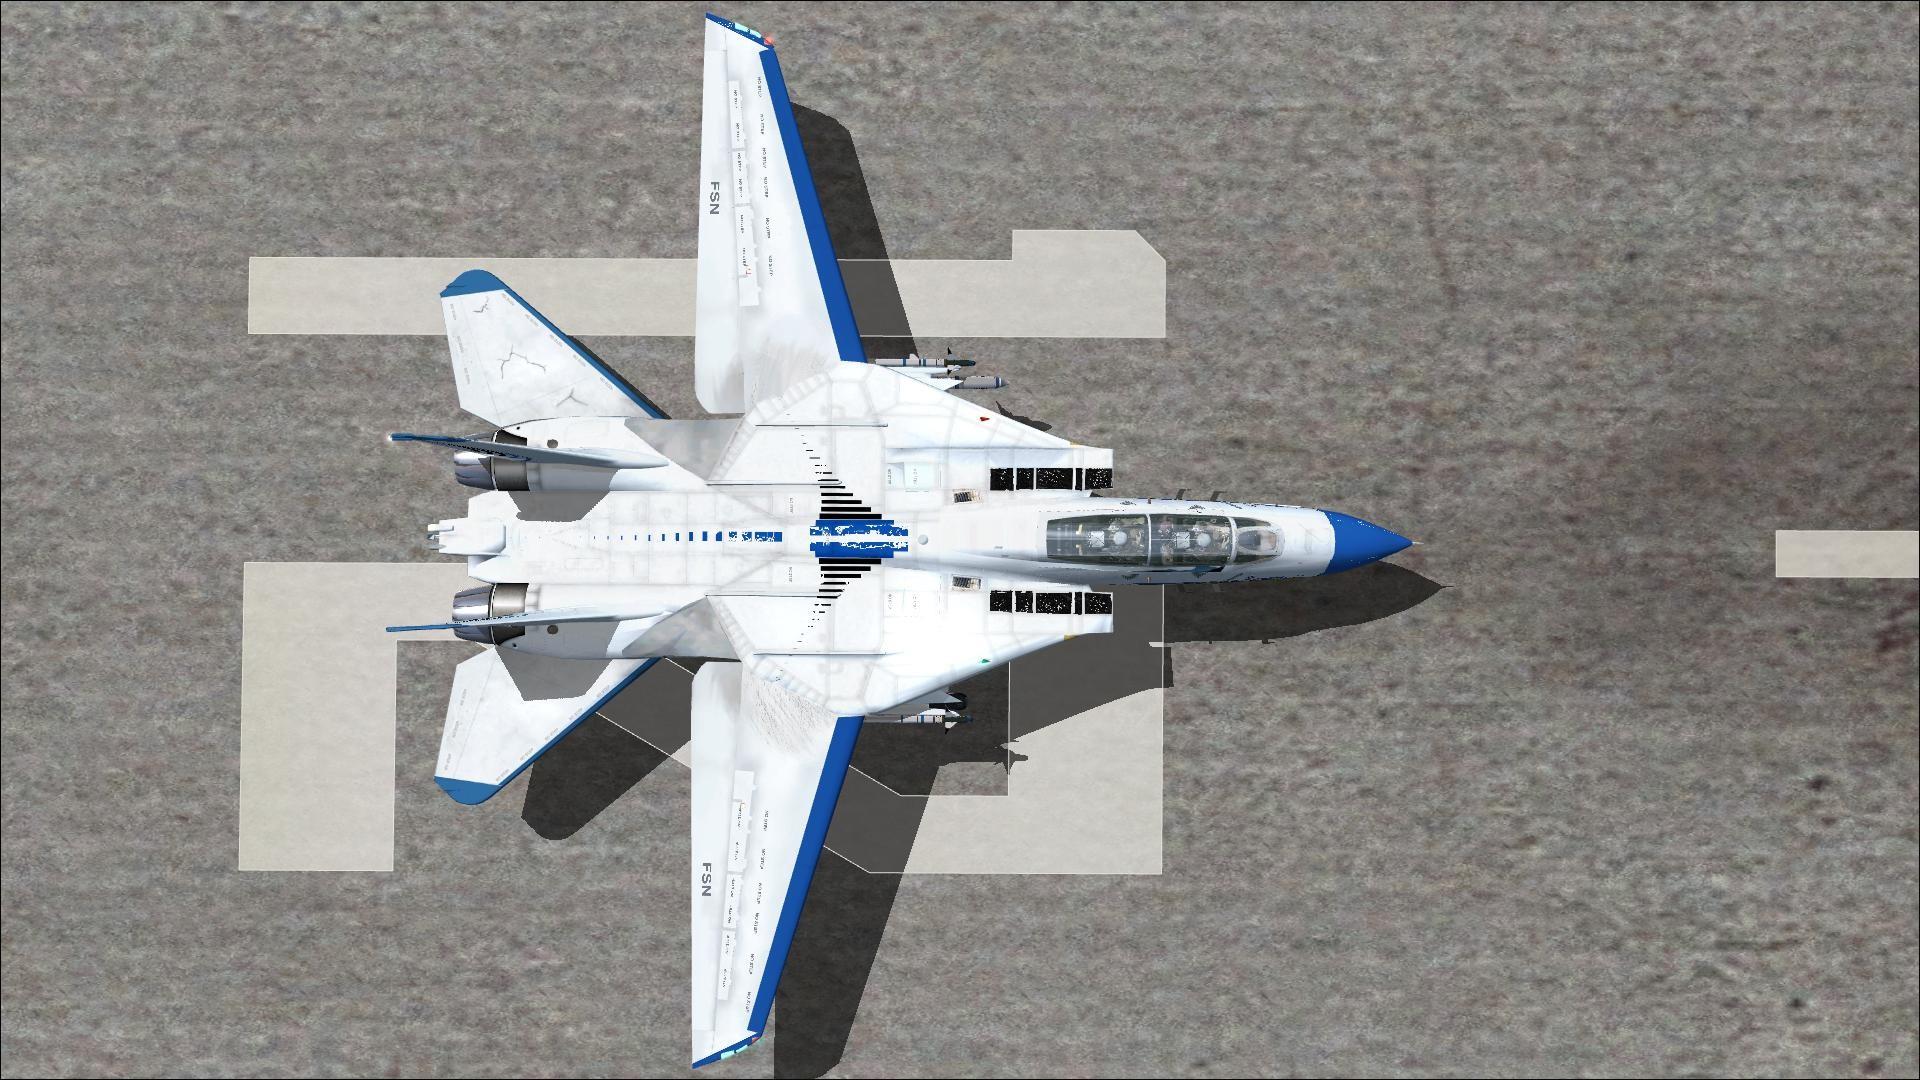 78 F 14 Tomcat Wallpaper Hd